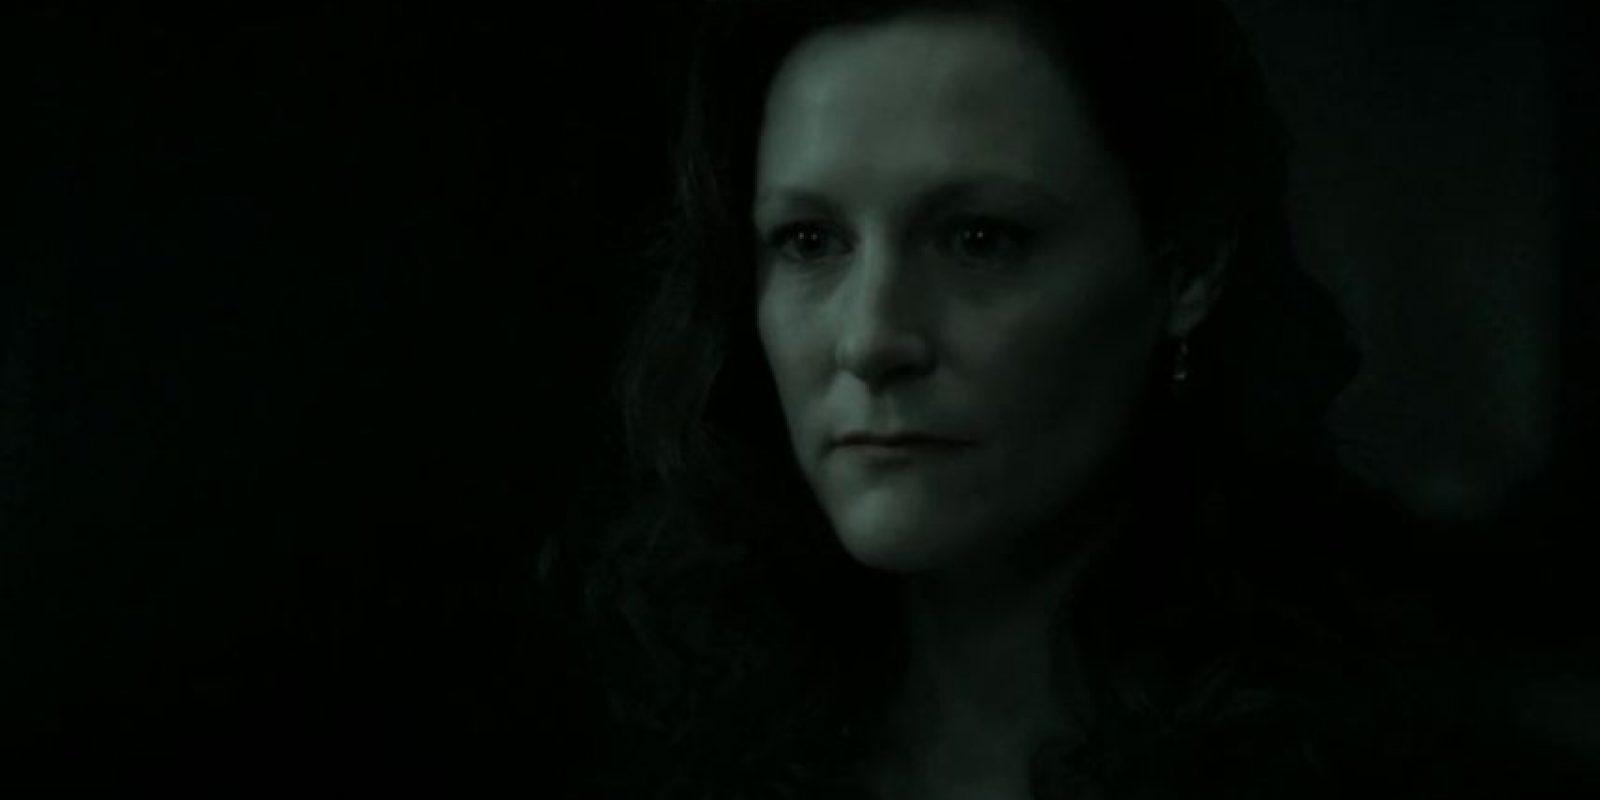 Lily Potter derrotó con su magia a Voldemort, al proteger a Harry, su hijo. Foto:Warner Bros